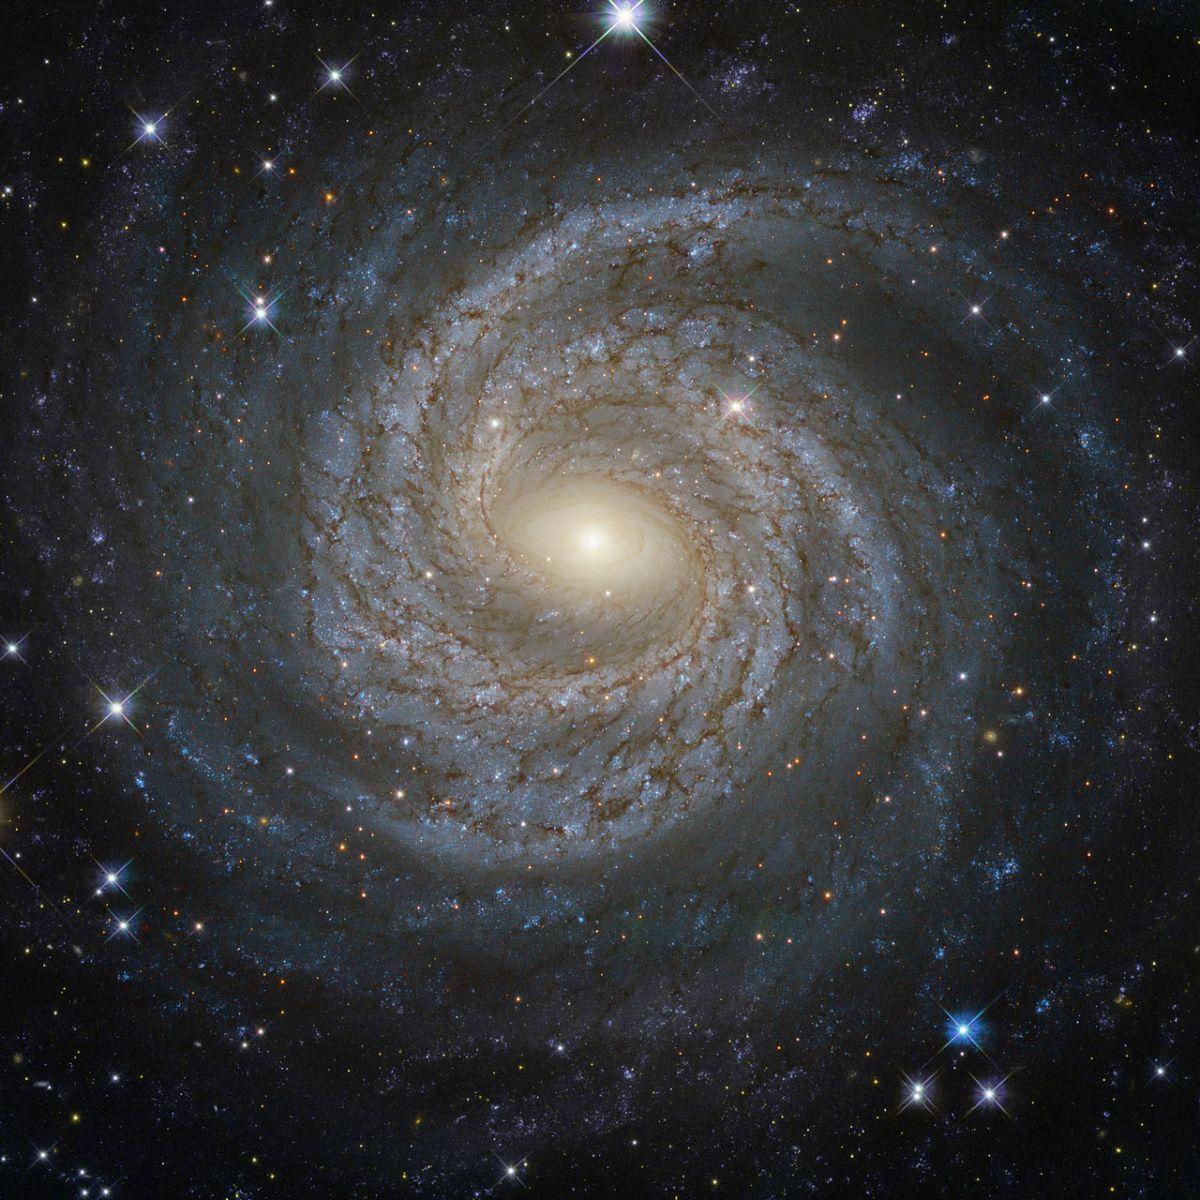 Одна из звезд Большого Ковша происходит из другой галактики / ESA/Hubble & NASA